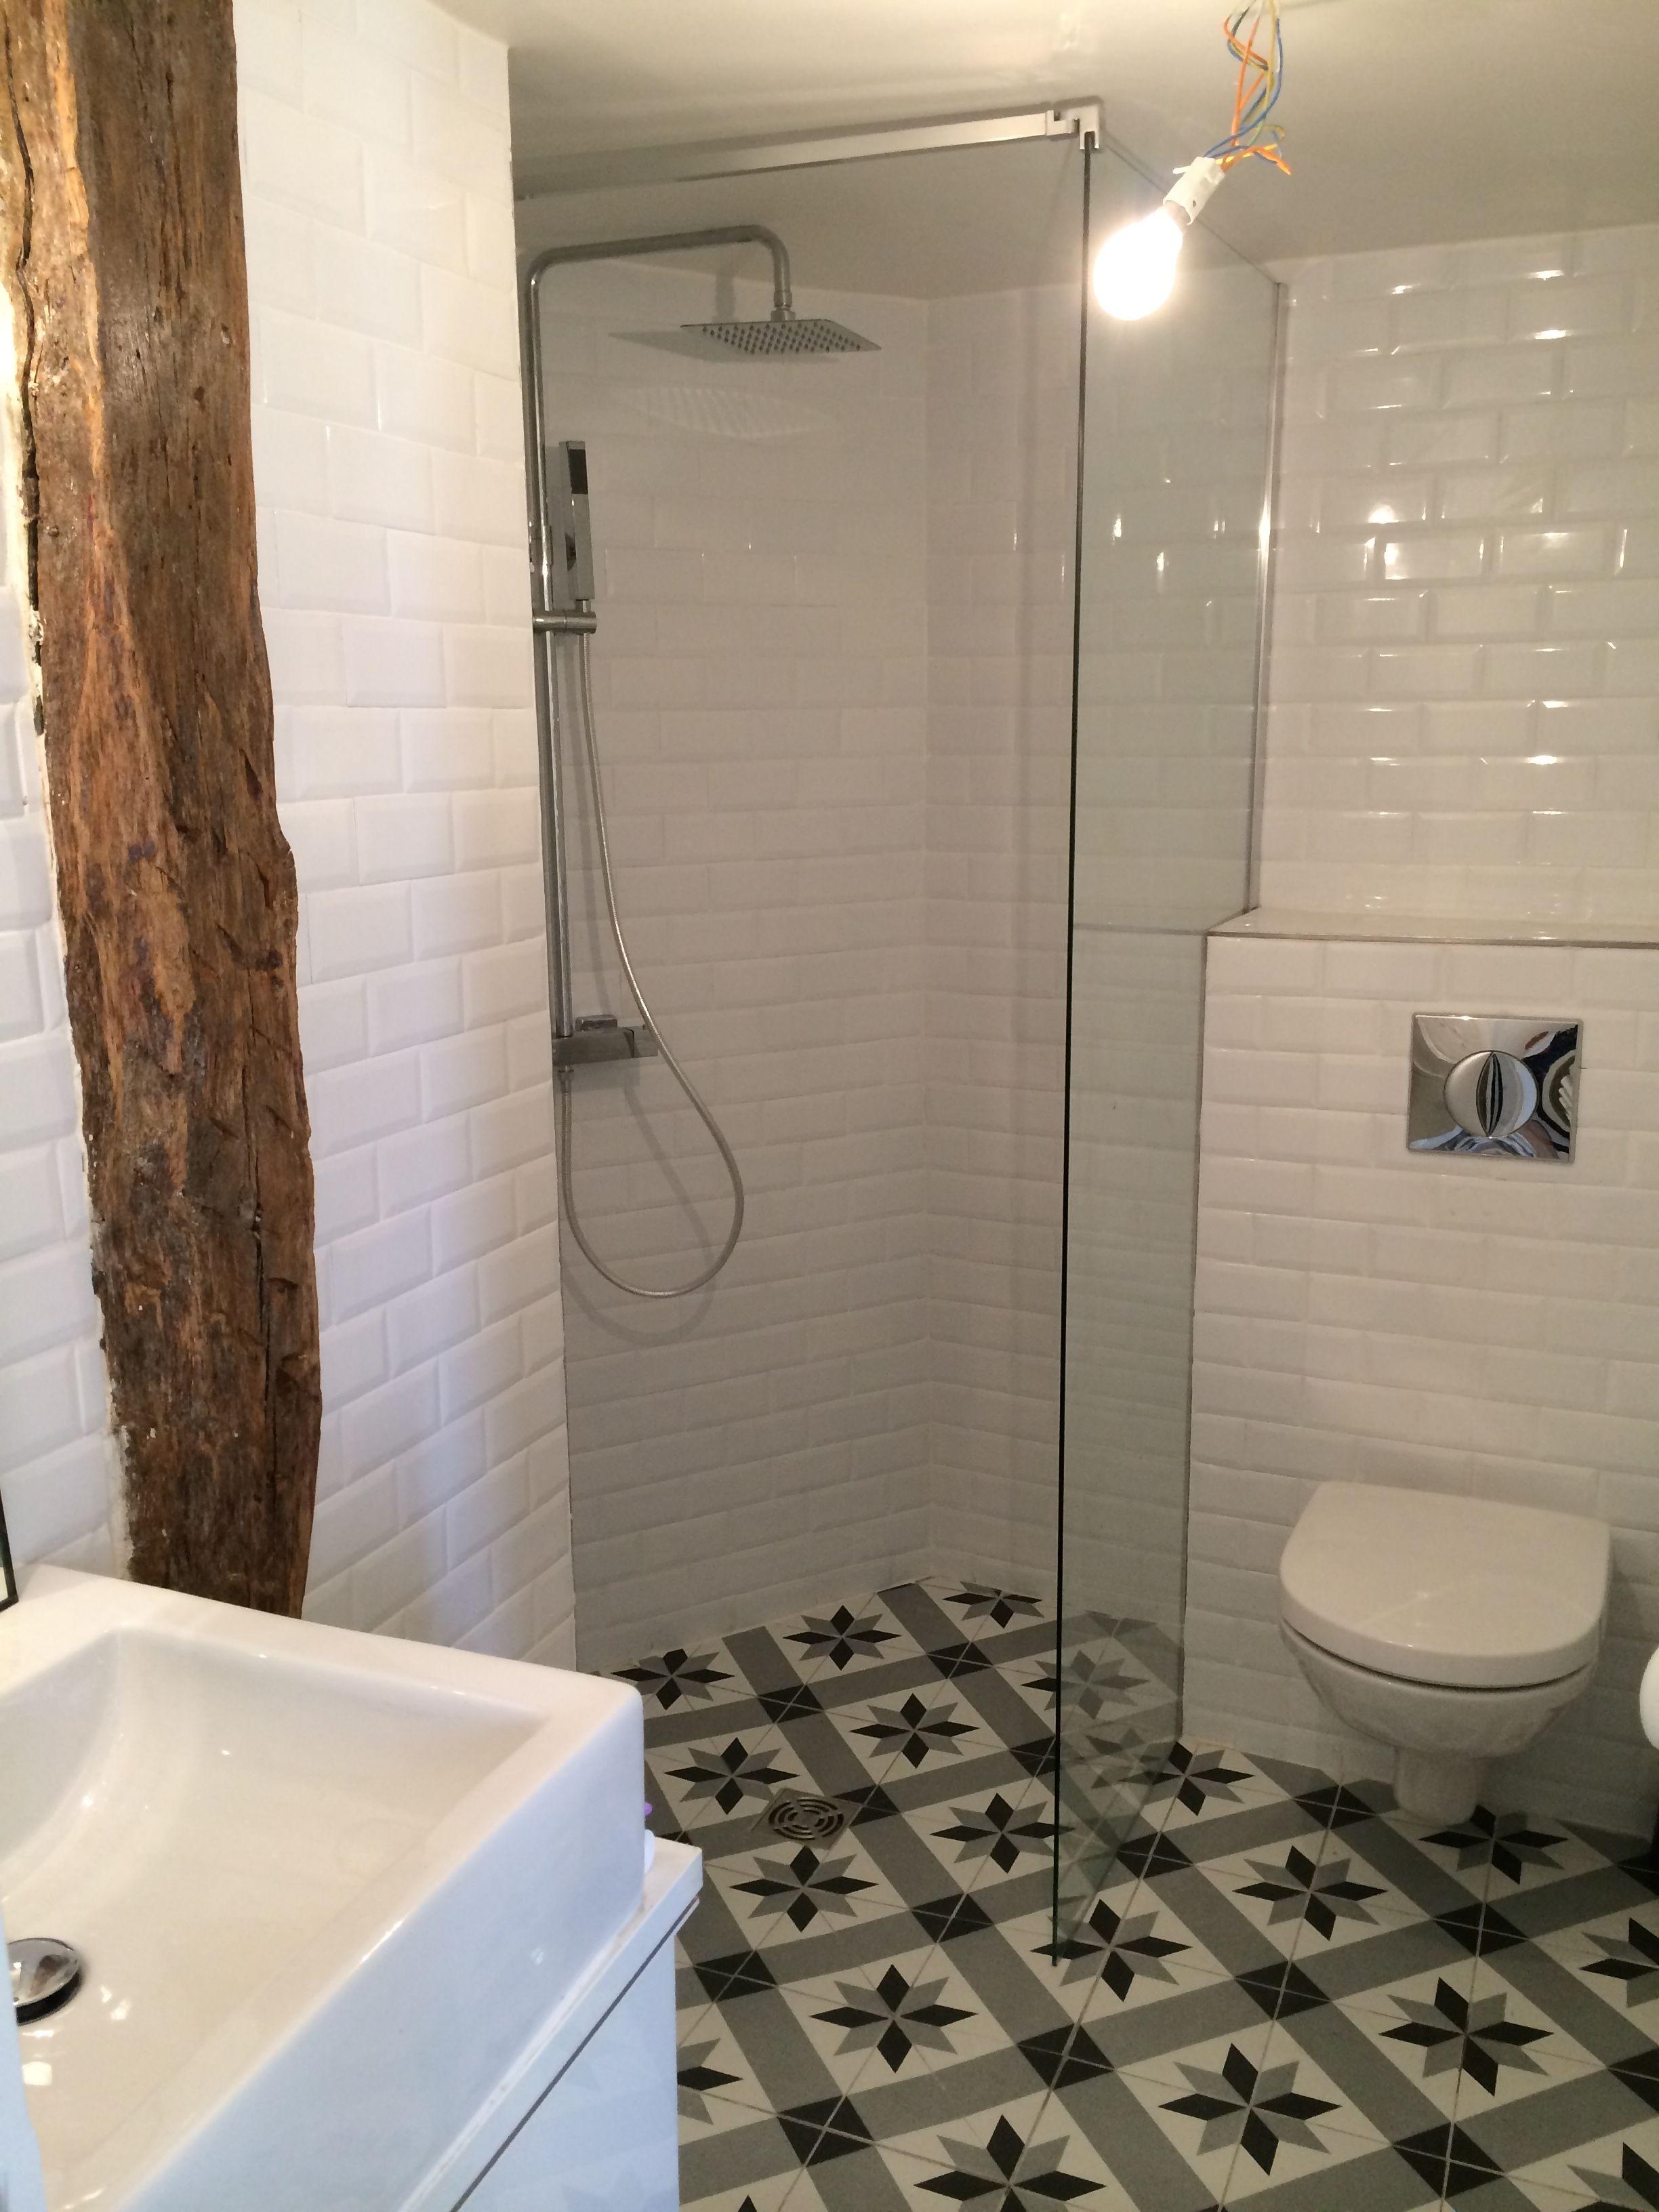 Salle de douche Parisienne - espace réduit - optimisation maximum.